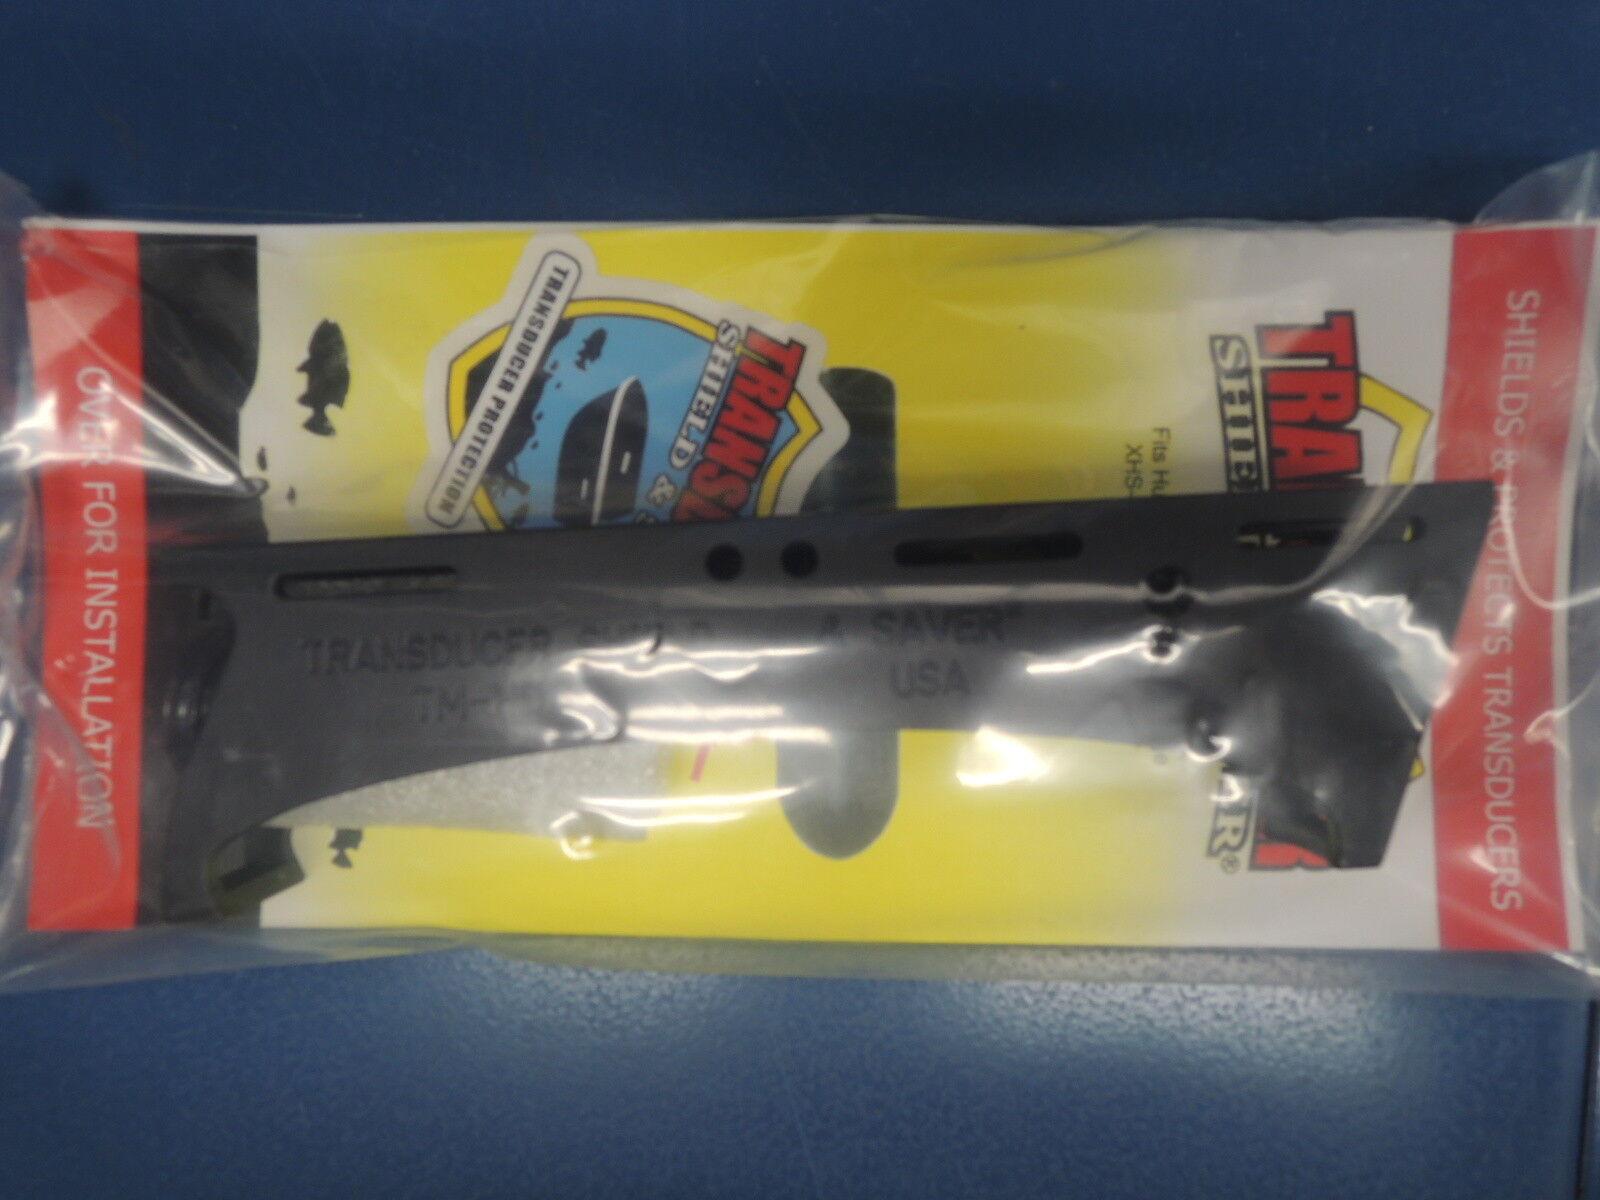 TRANSDUCER SHIELD & SAVER TM-HDSi for Humminbird High Def. Side Image FishFinder